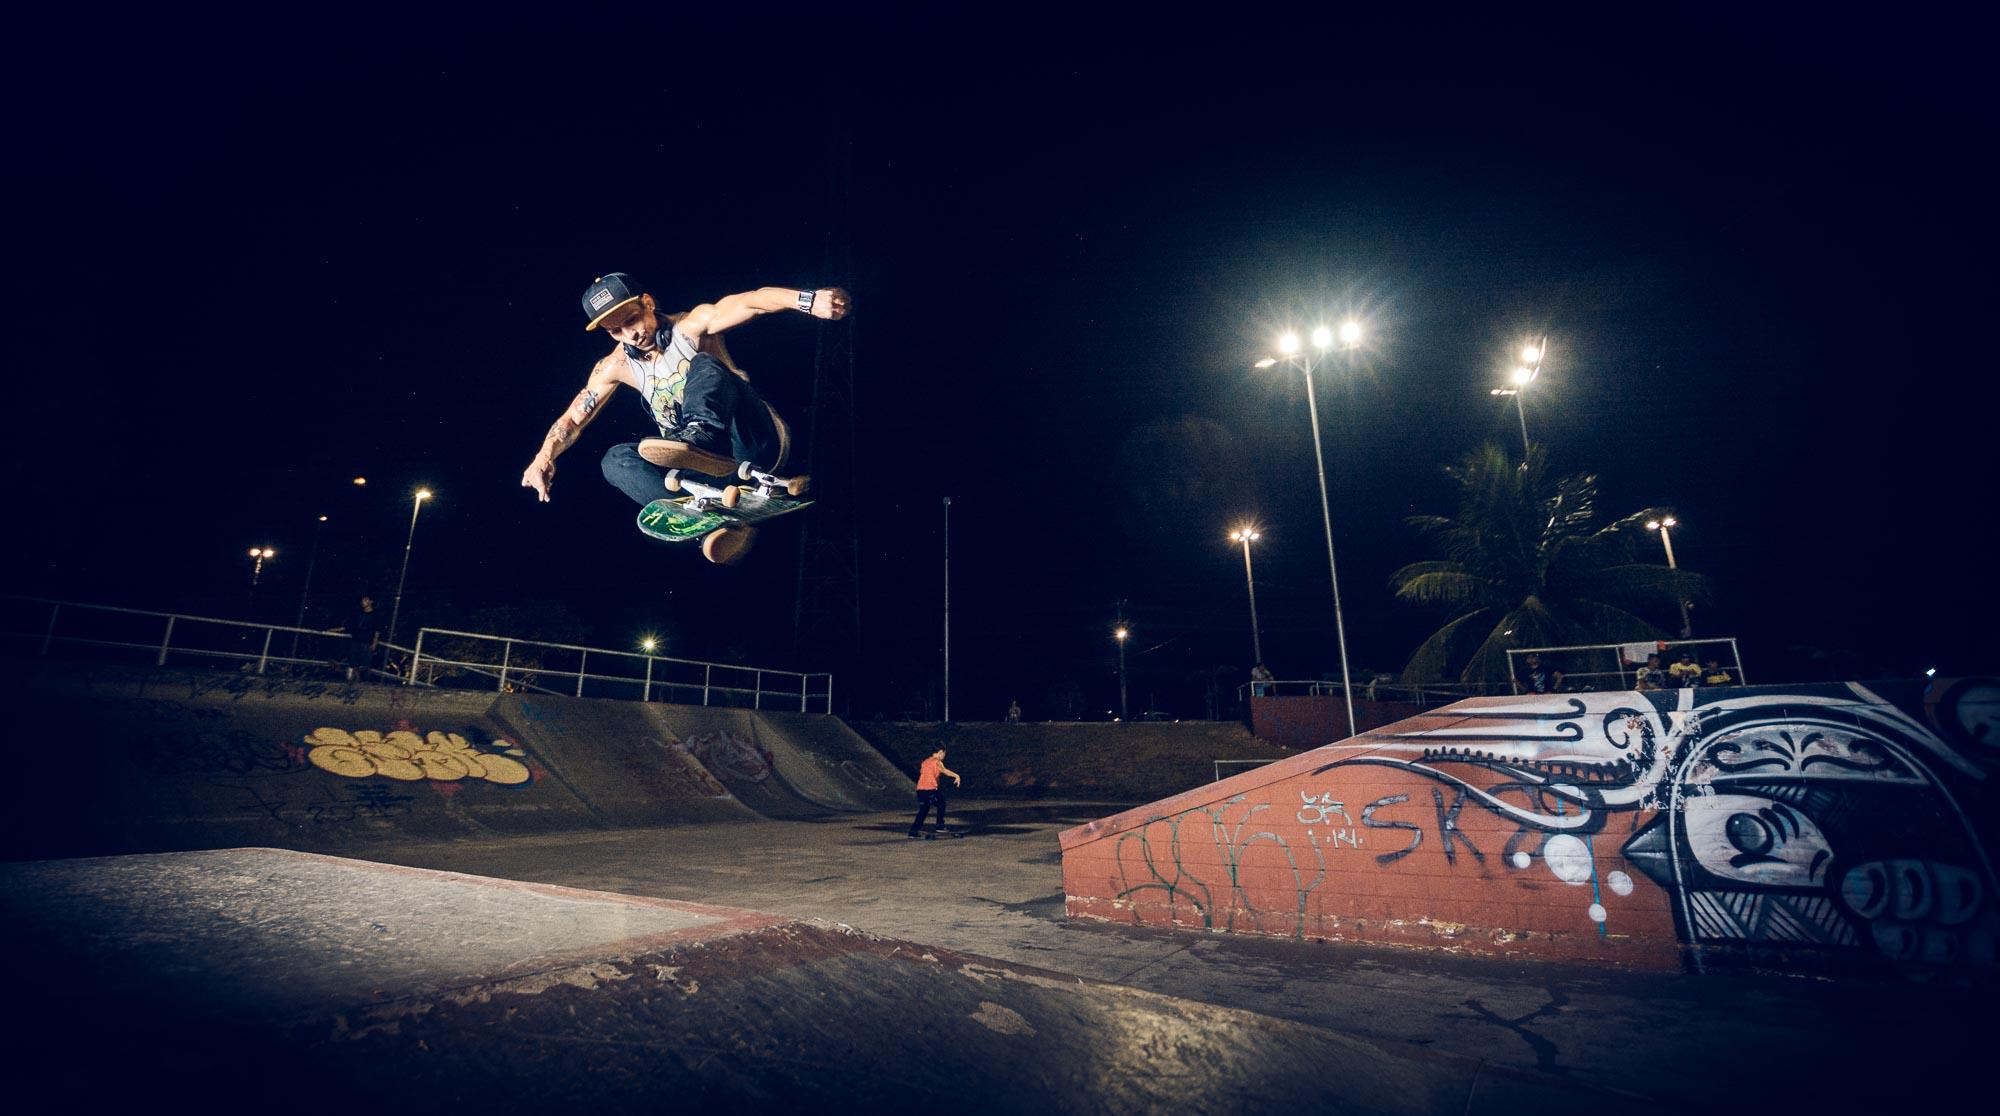 Greg Lee Skateboarder Trick 5